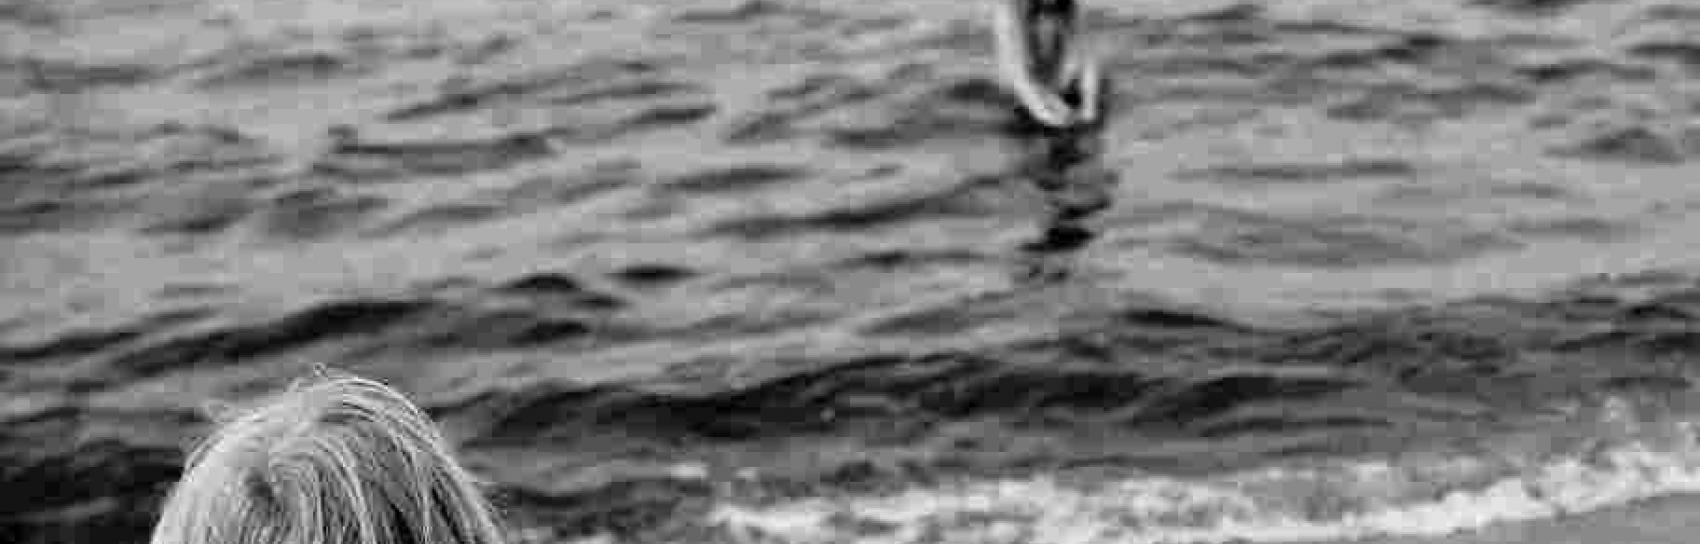 Dziecko na plaży i jedna osoba w wodzie